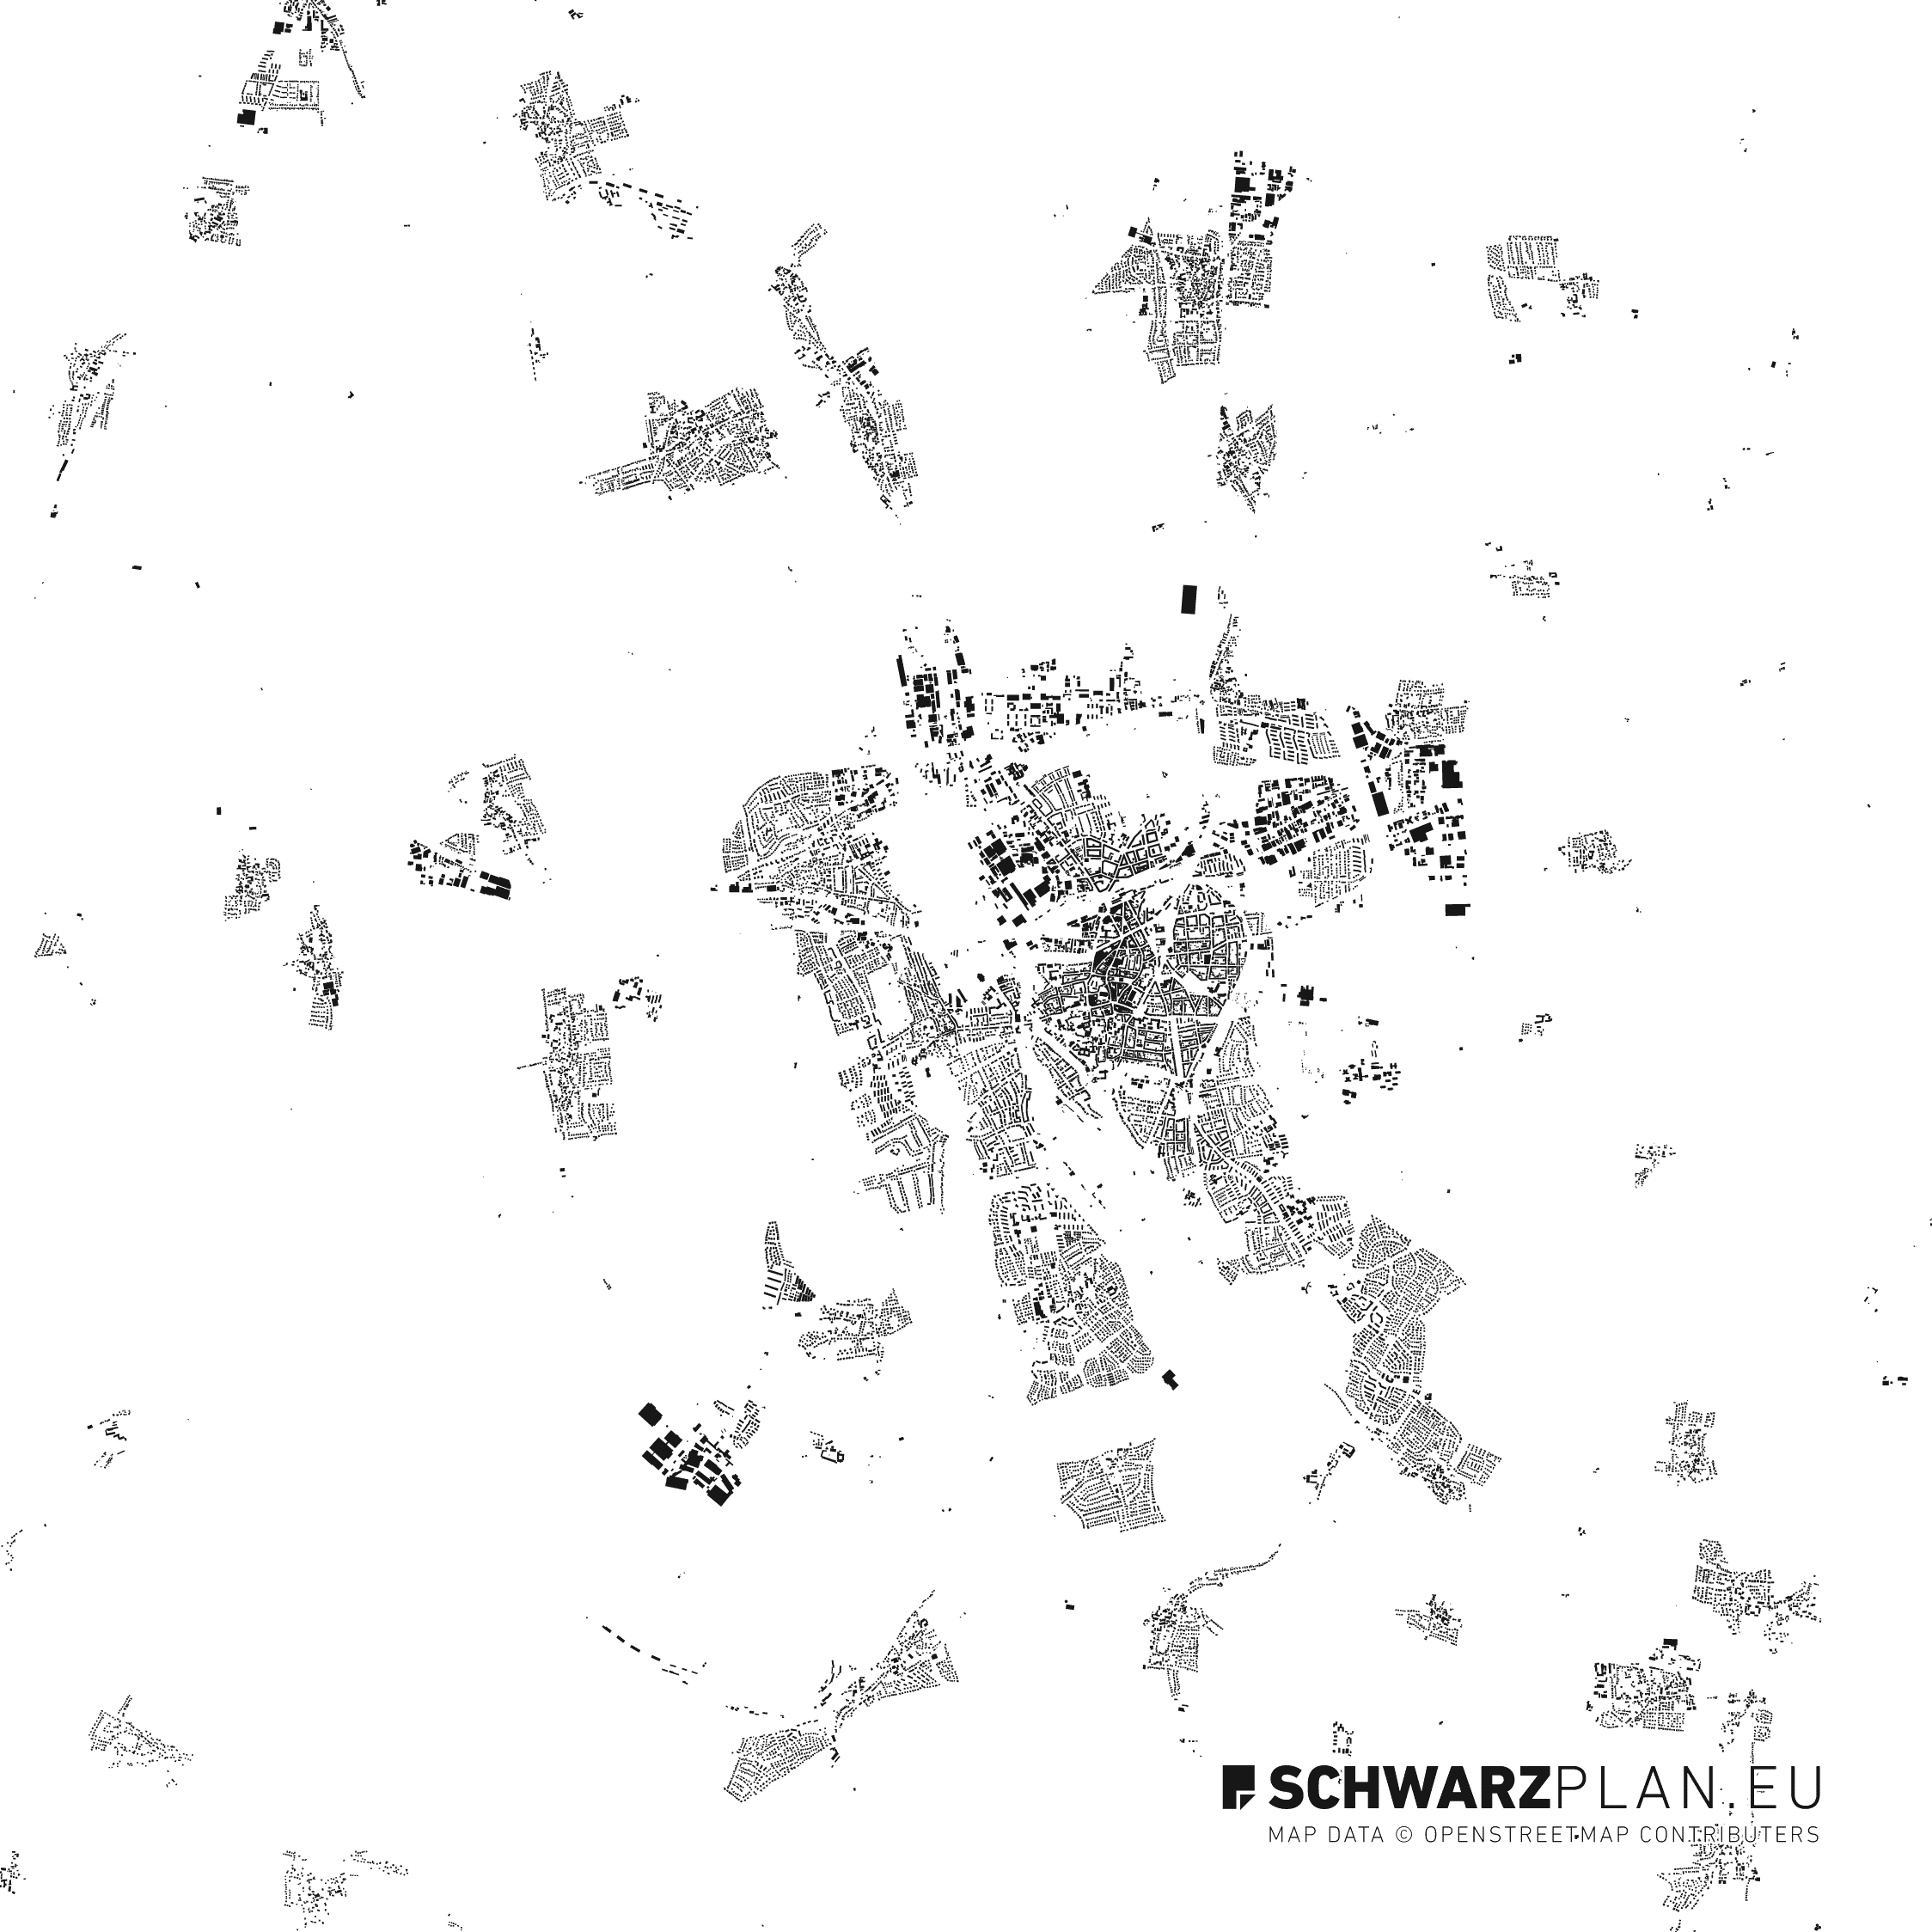 Figure Ground Plan of Hildesheim